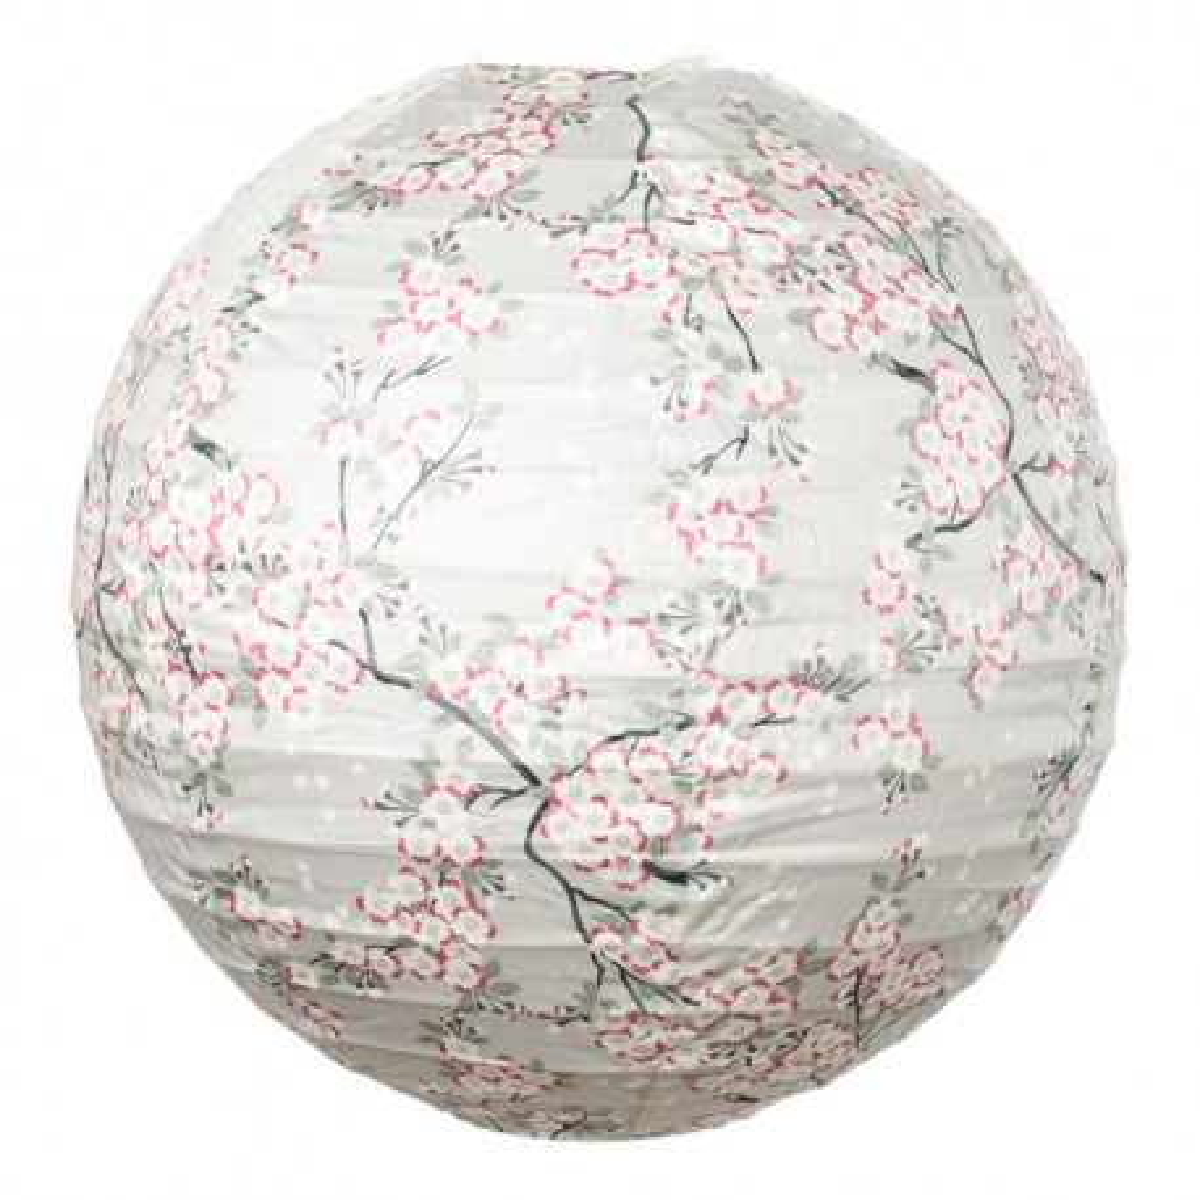 Lampion tissu boule japonaise rond gris perle et fleurs cerisiers